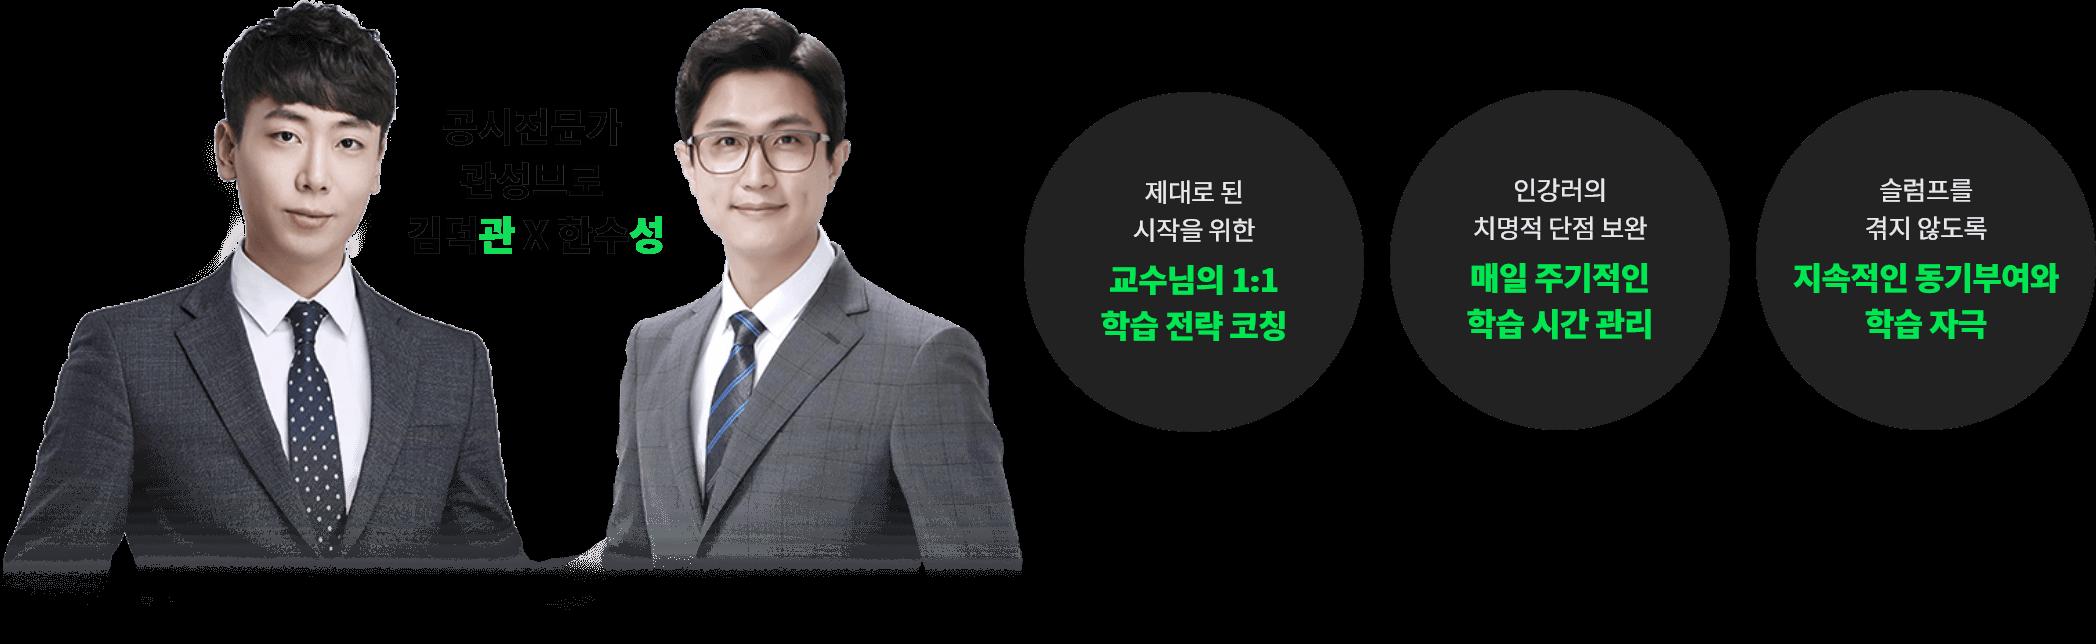 공시전문가 관성브로 김덕관 X 한수성